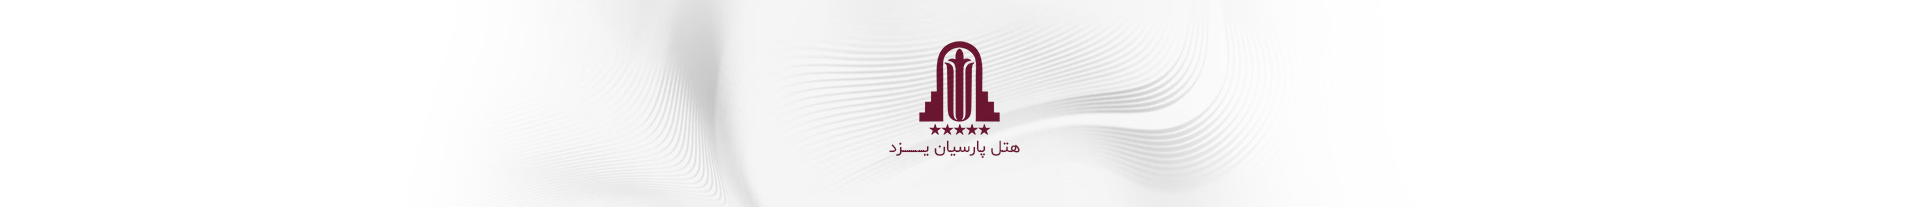 کد تخفیف هتل پارسیان یزد